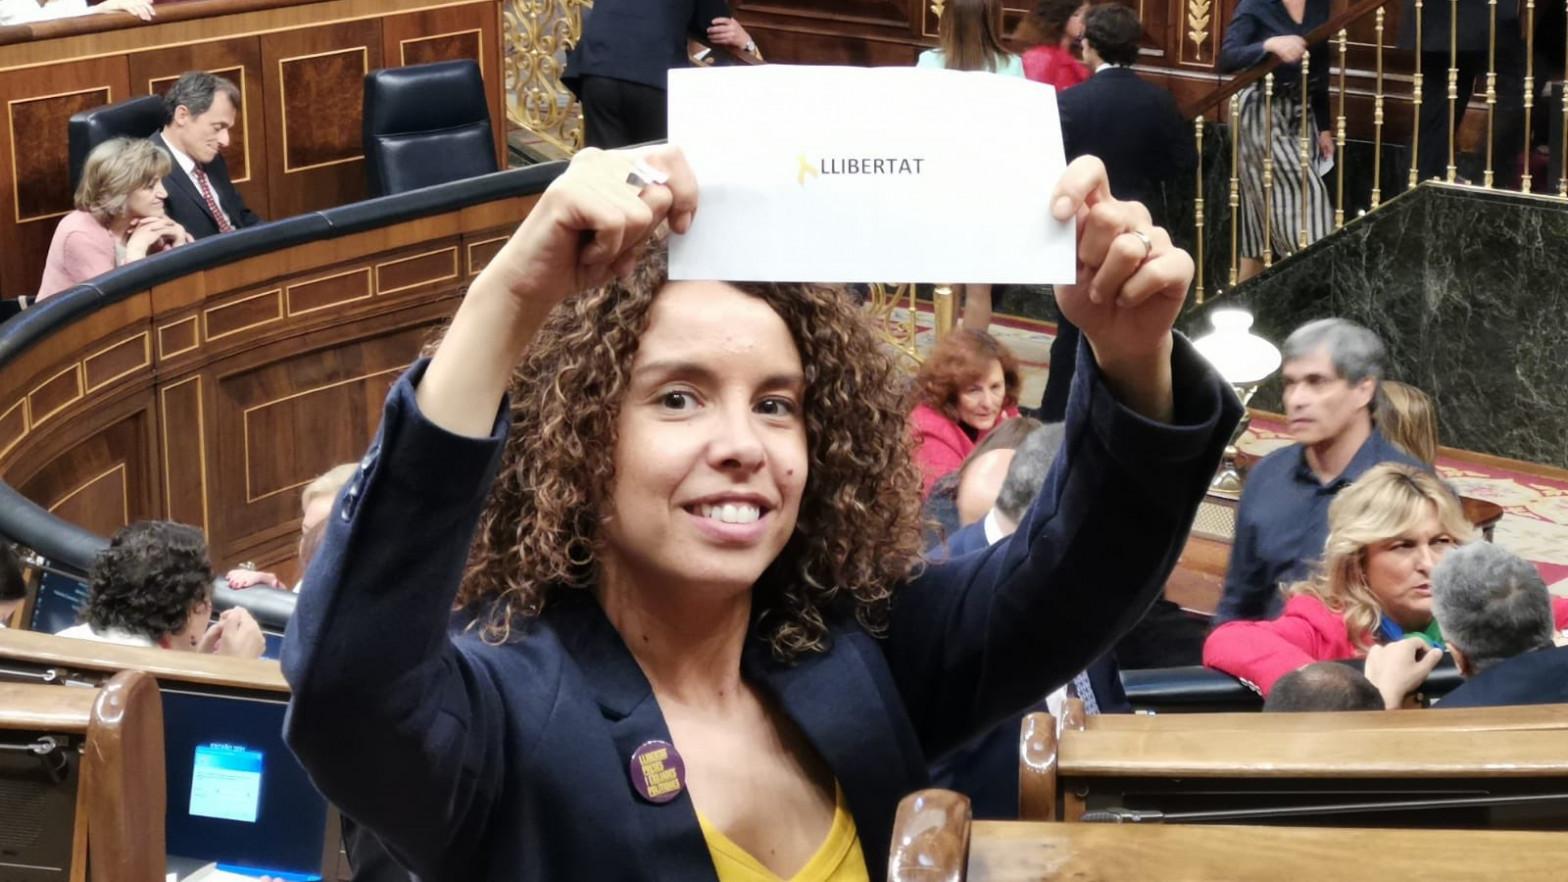 La delegada del Govern en Girona habla de 'Generalitat Republicana' en una comunicación a sus funcionarios